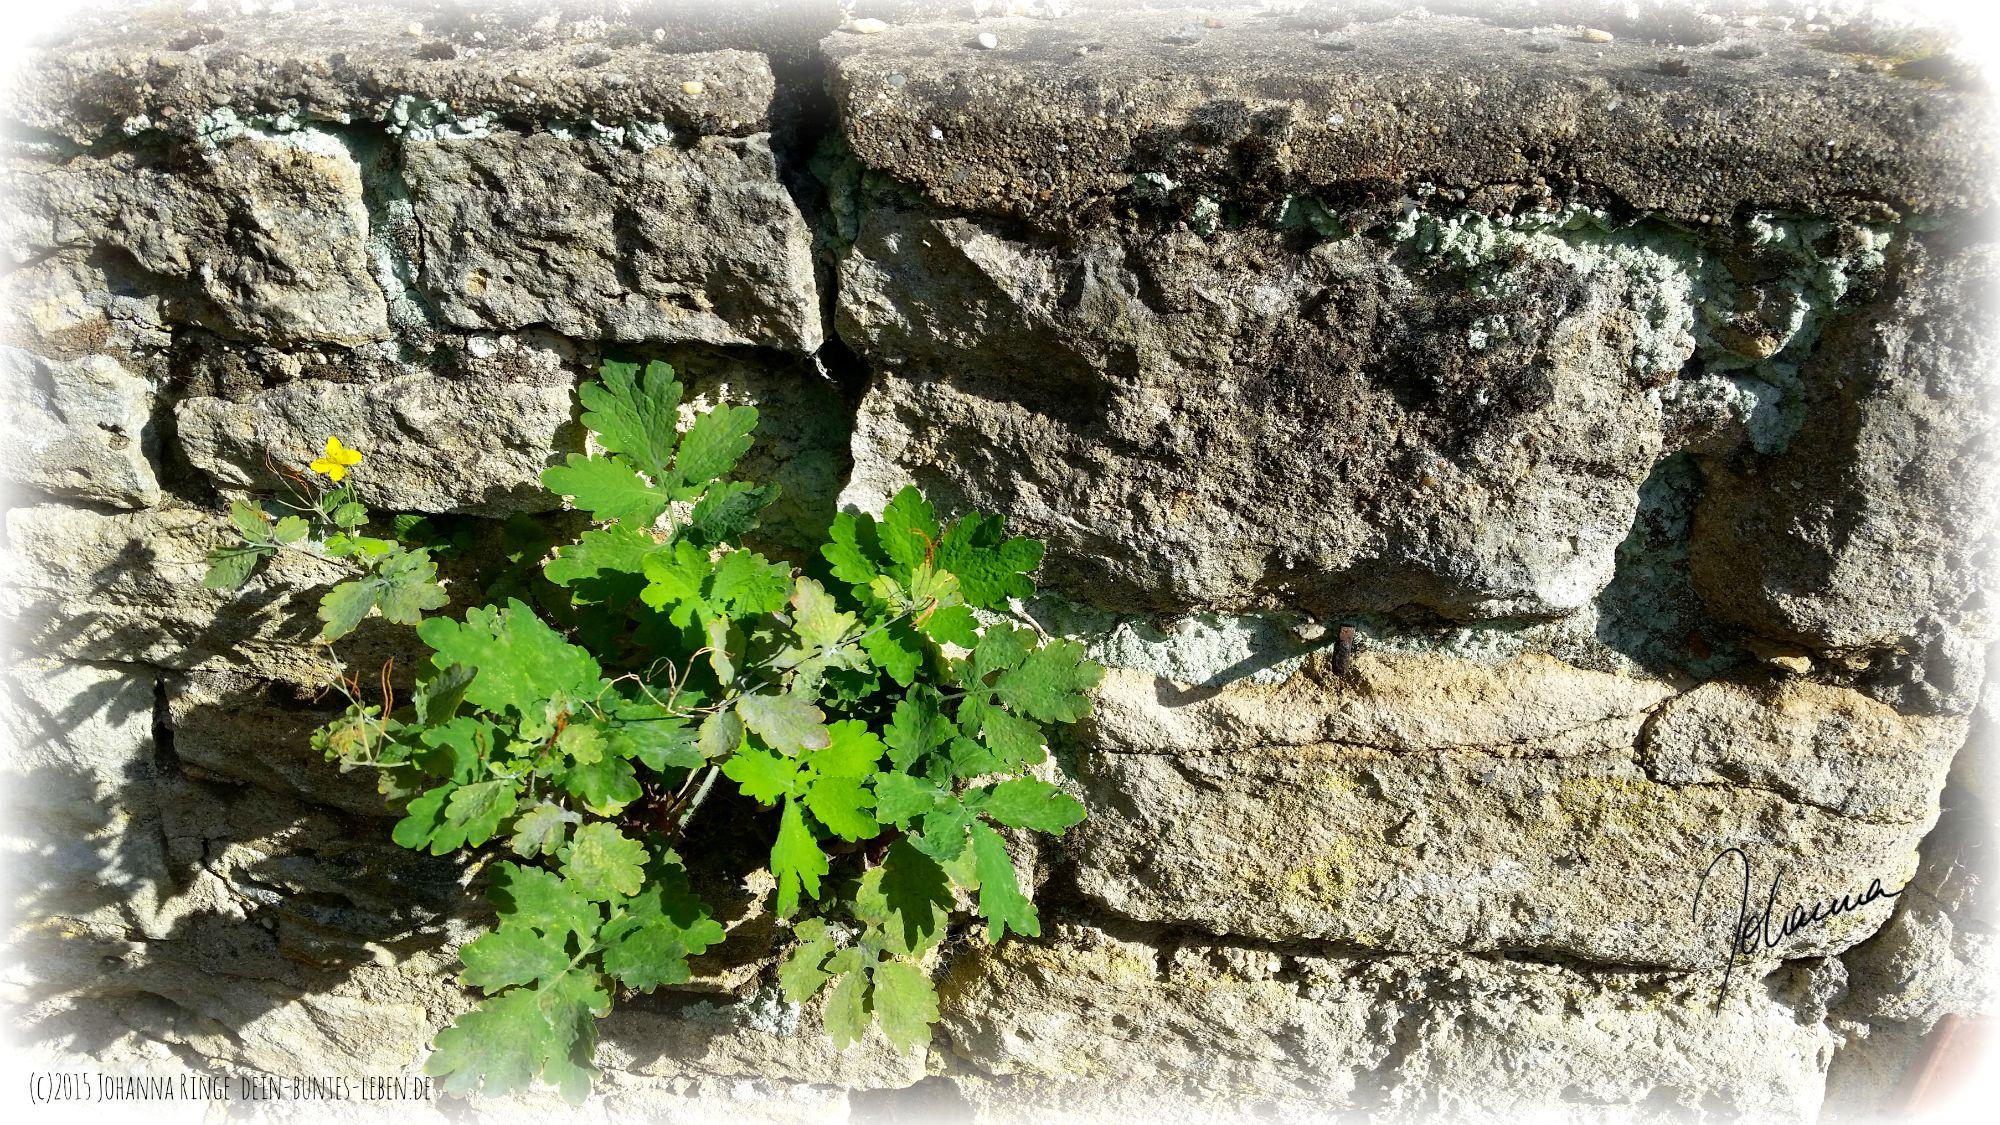 Entscheidest du dich für oder gegen Stress? Siehst du Mauer oder Pflanze?(c)2015 Johanna Ringe dein-buntes-leben.de